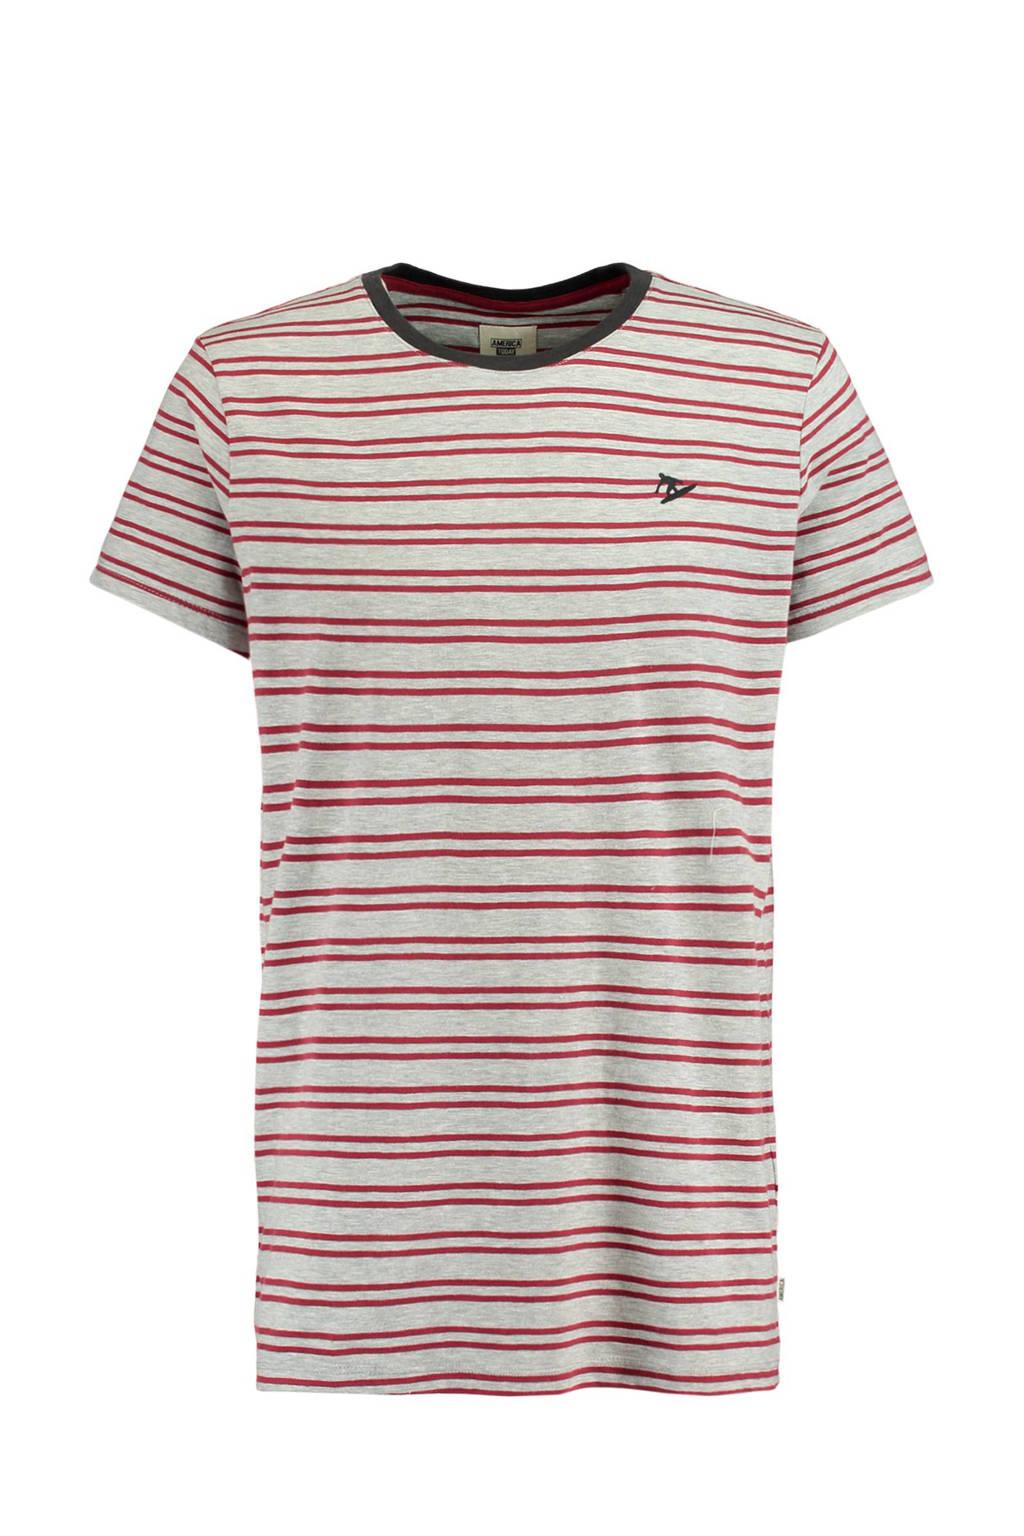 America Today gestreept T-shirt Epic grijs, Grijs/rood